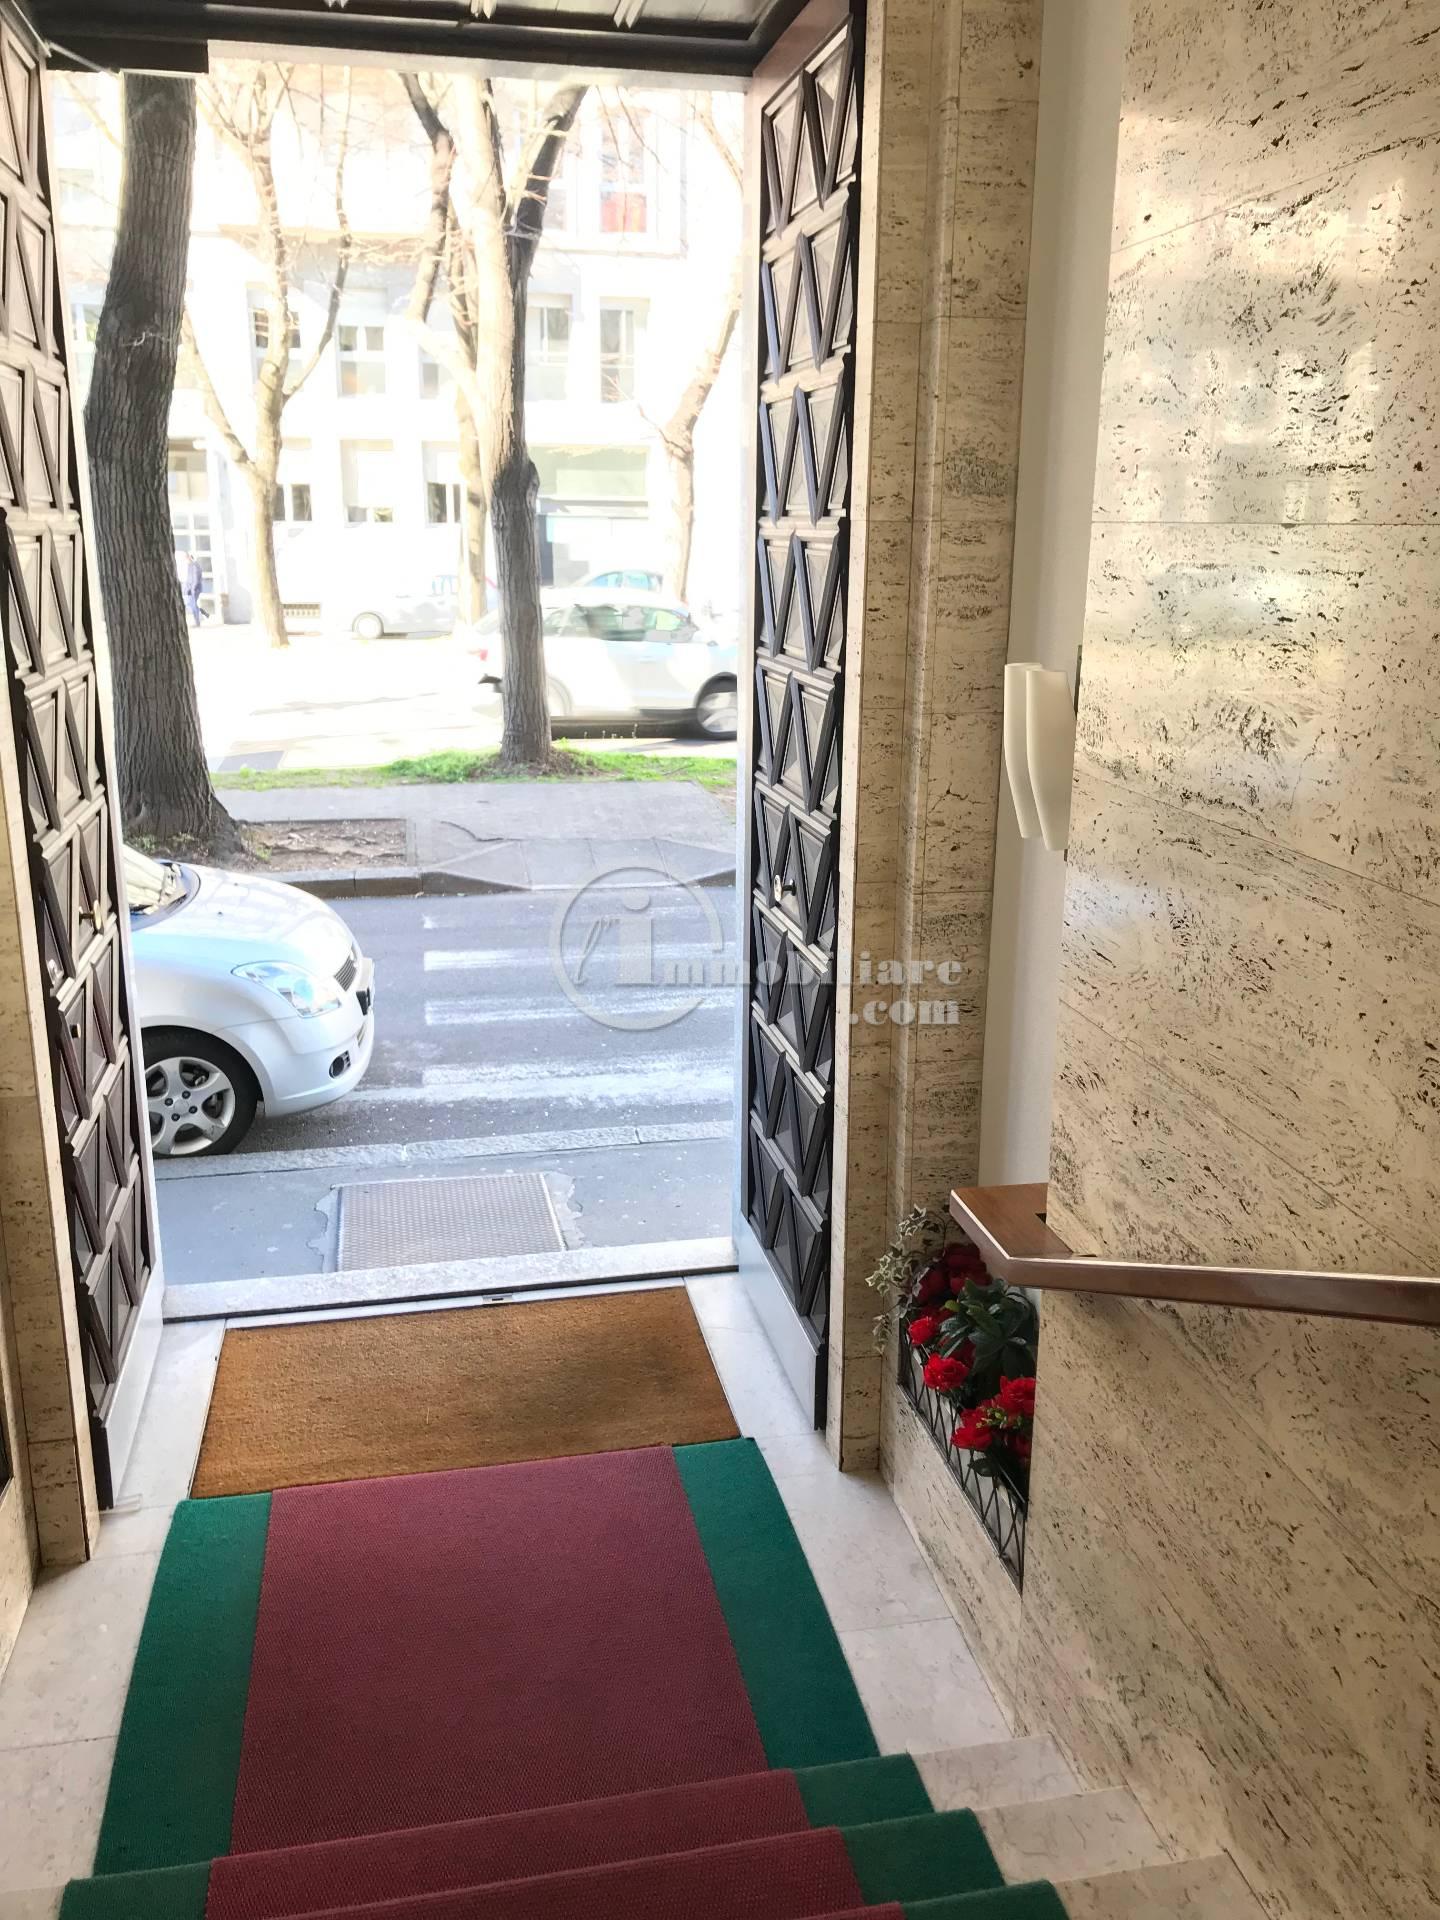 Ufficio-studio in Vendita a Busto Arsizio Centro: 2 locali, 59 mq